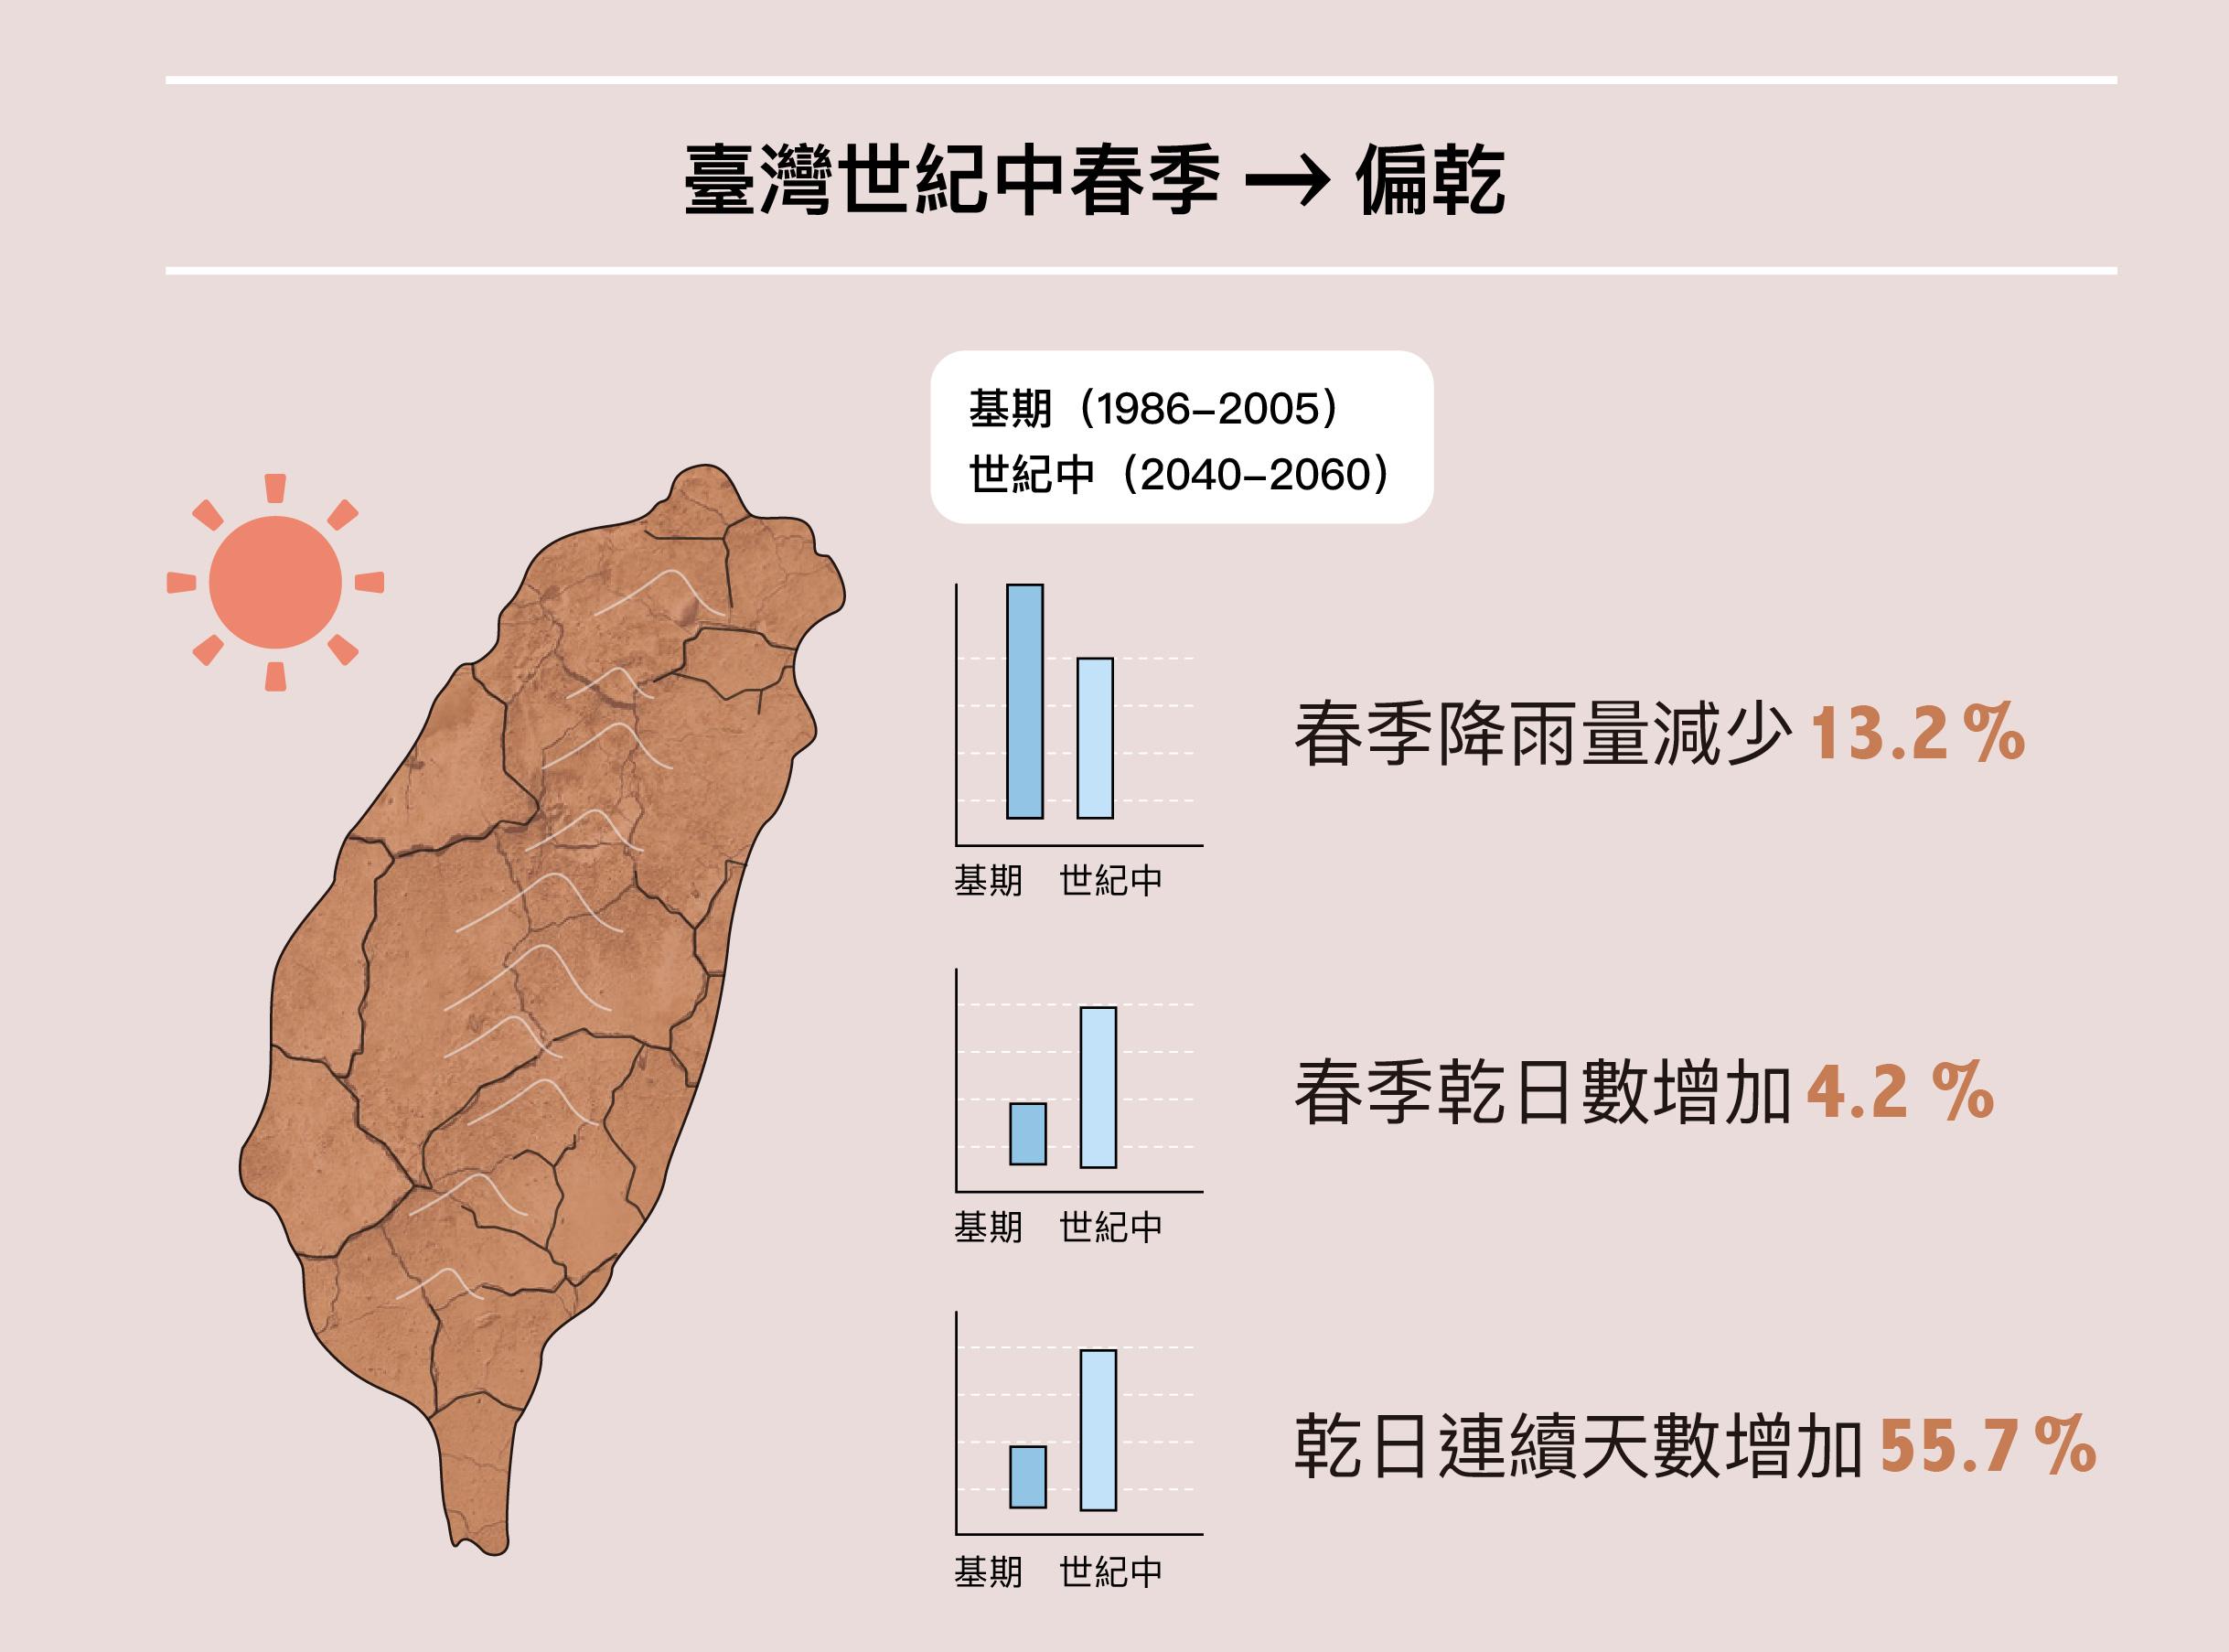 氣候模擬顯示,臺灣在世紀中春雨的降雨量預估將減少 13.2%,連續乾日會增加 55.7%,北臺灣未來的乾旱情況可能會更加嚴重。圖|研之有物(資料來源|臺灣未來的乾旱問題與因應)